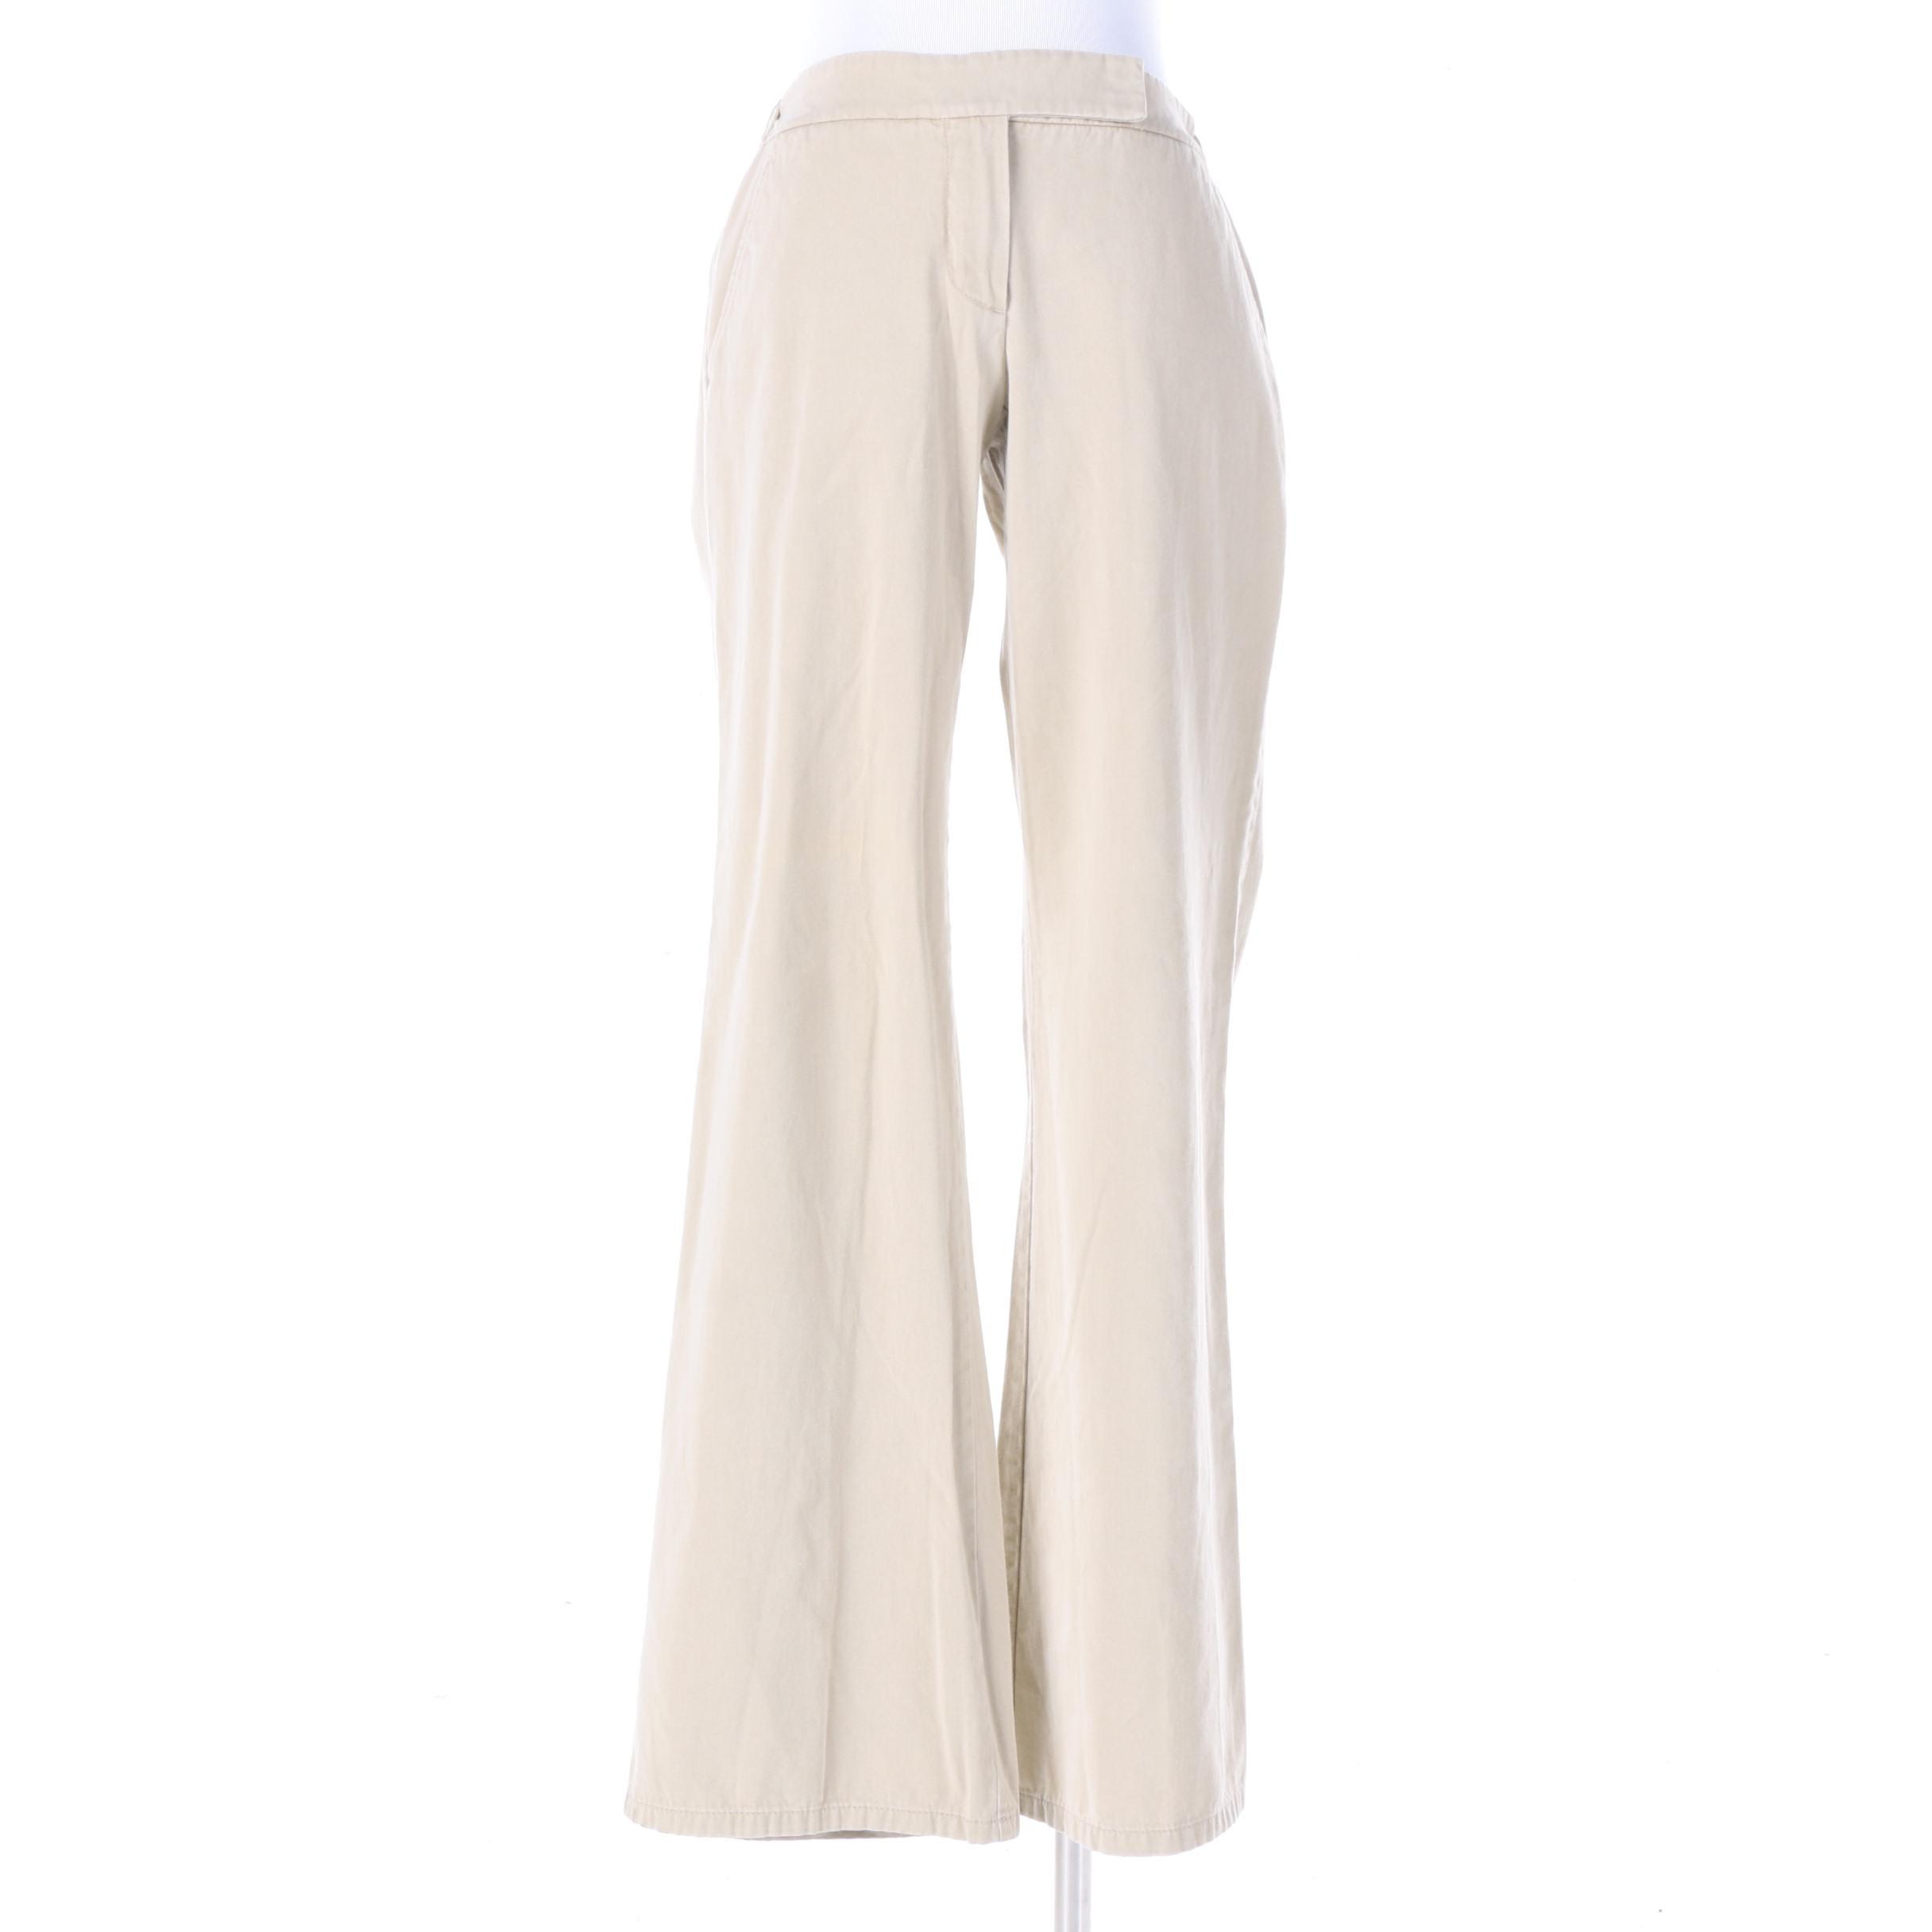 Women's Theory Khaki Cotton Pants